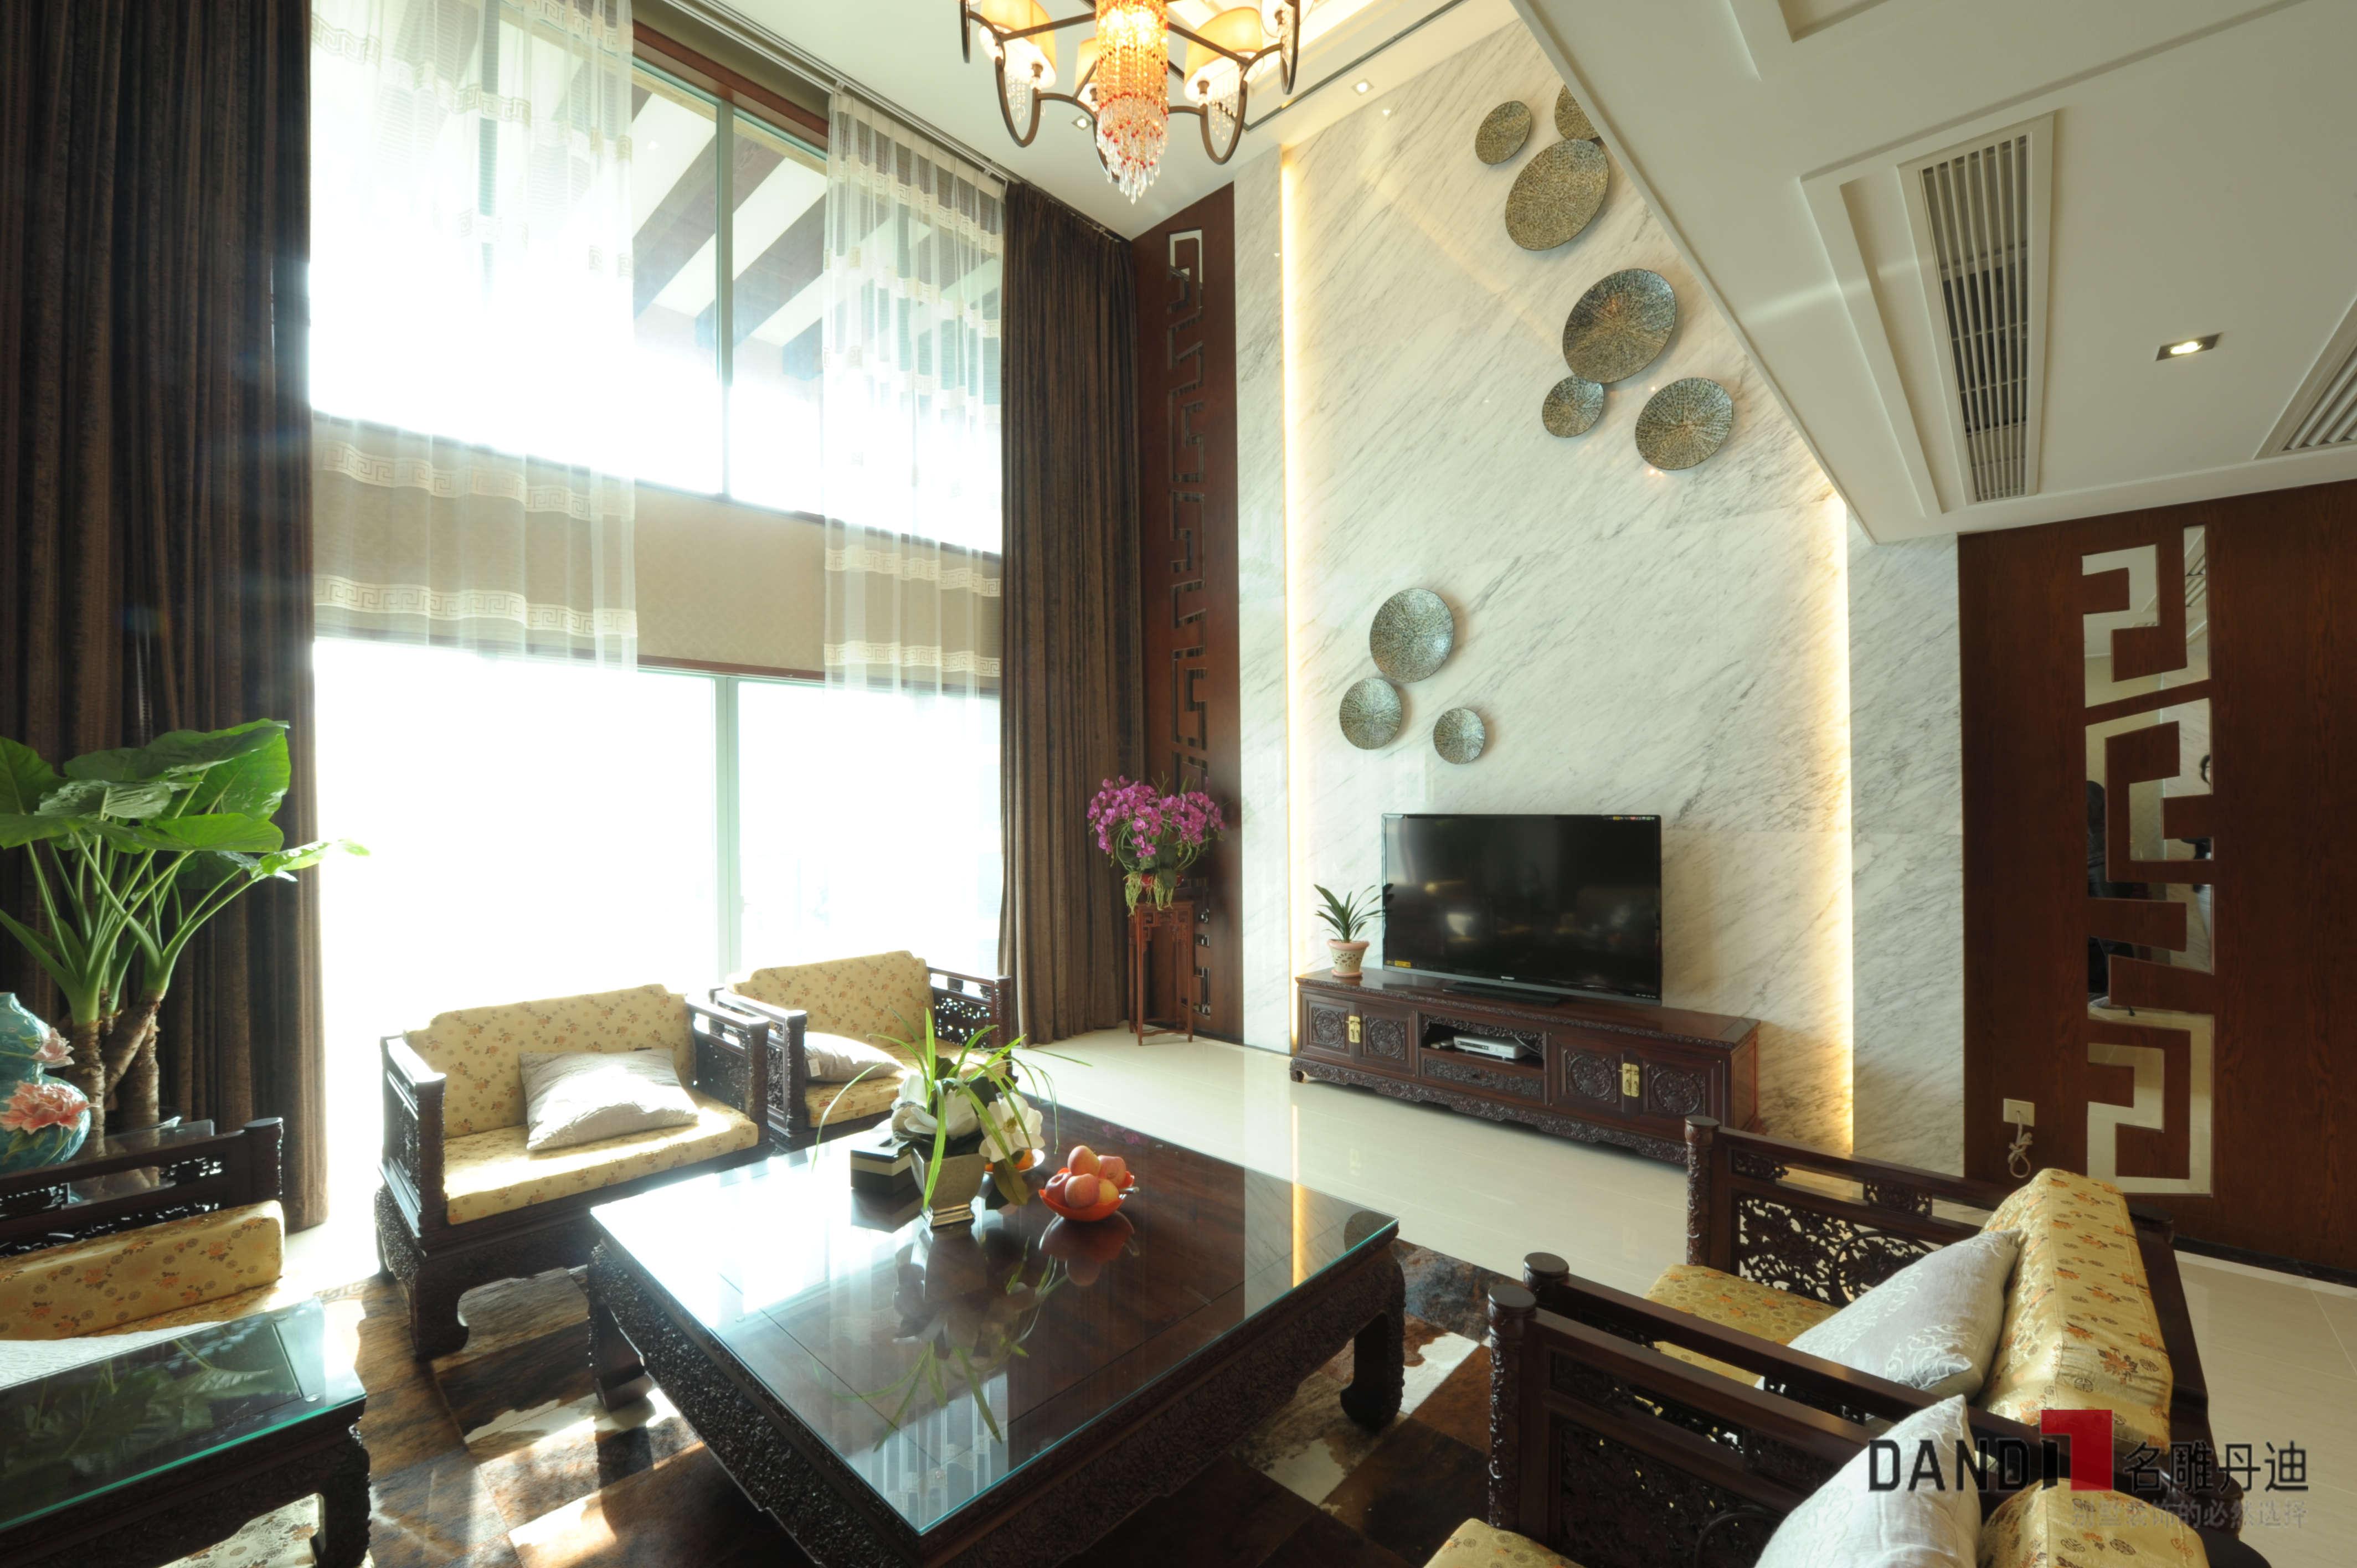 中式别墅 别墅 新中式风格 中式 高富帅 文艺范 别墅装饰 公园大地 客厅 客厅图片来自名雕丹迪在公园大地250平新中式儒雅之家的分享